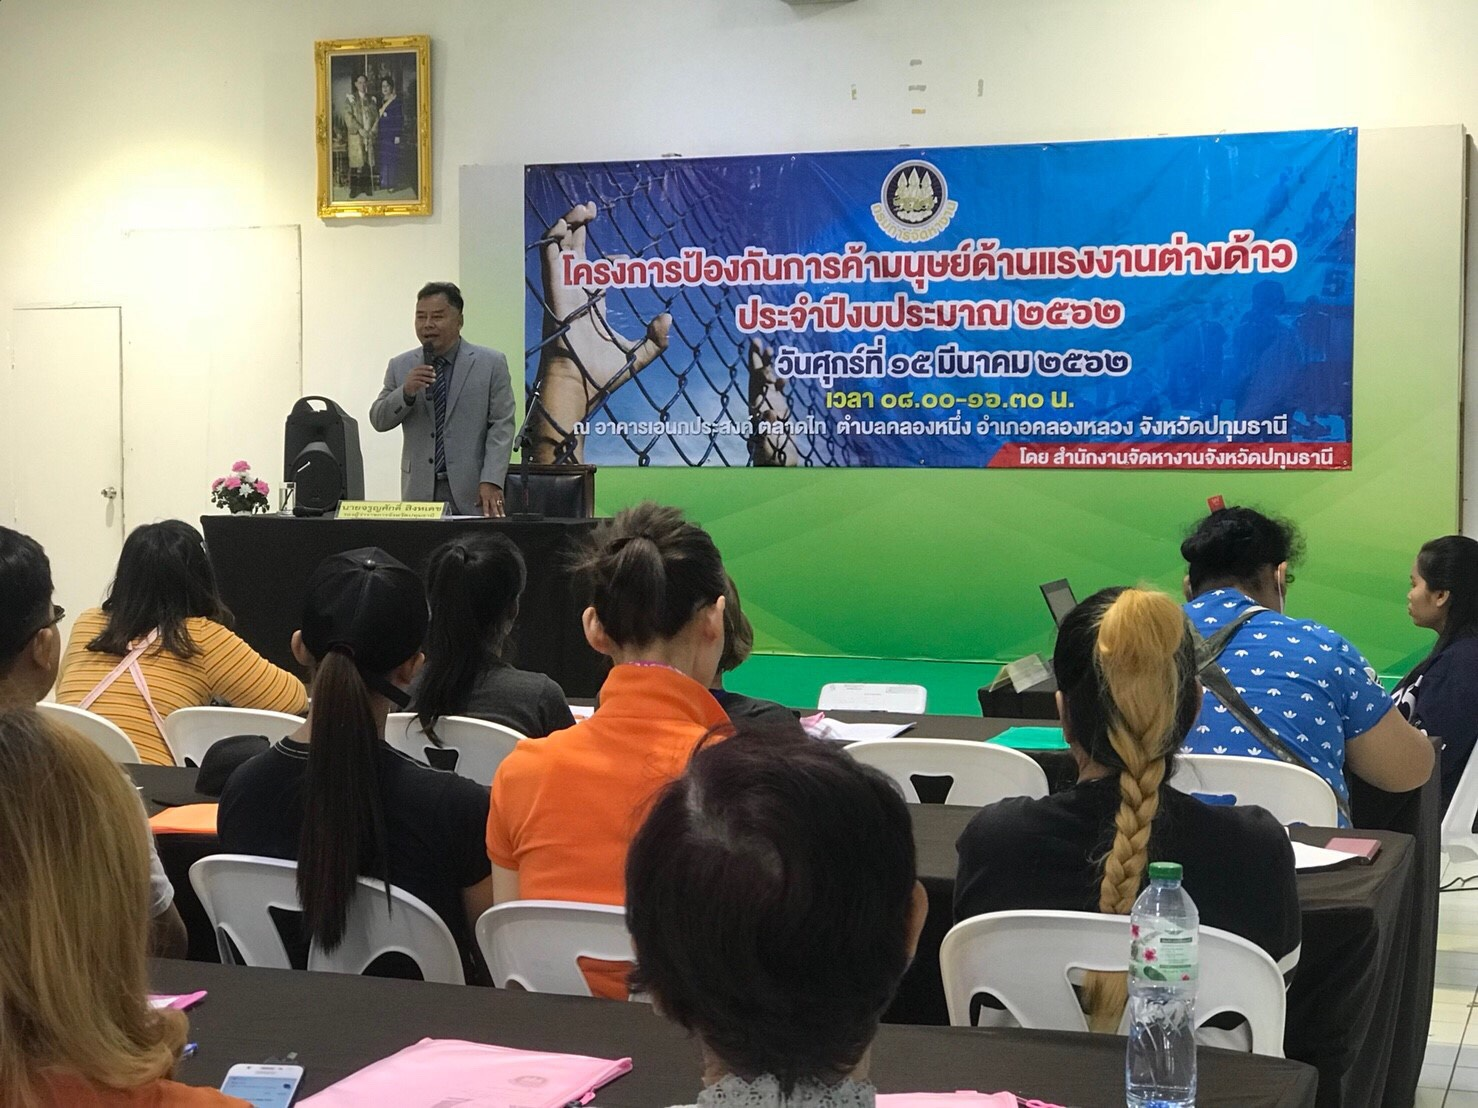 สำนักงานจัดหางานจังหวัดปทุมธานี ได้จัดโครงการป้องกันการค้ามนุษยด้านแรงงานต่างด้าวประจำปี 2562